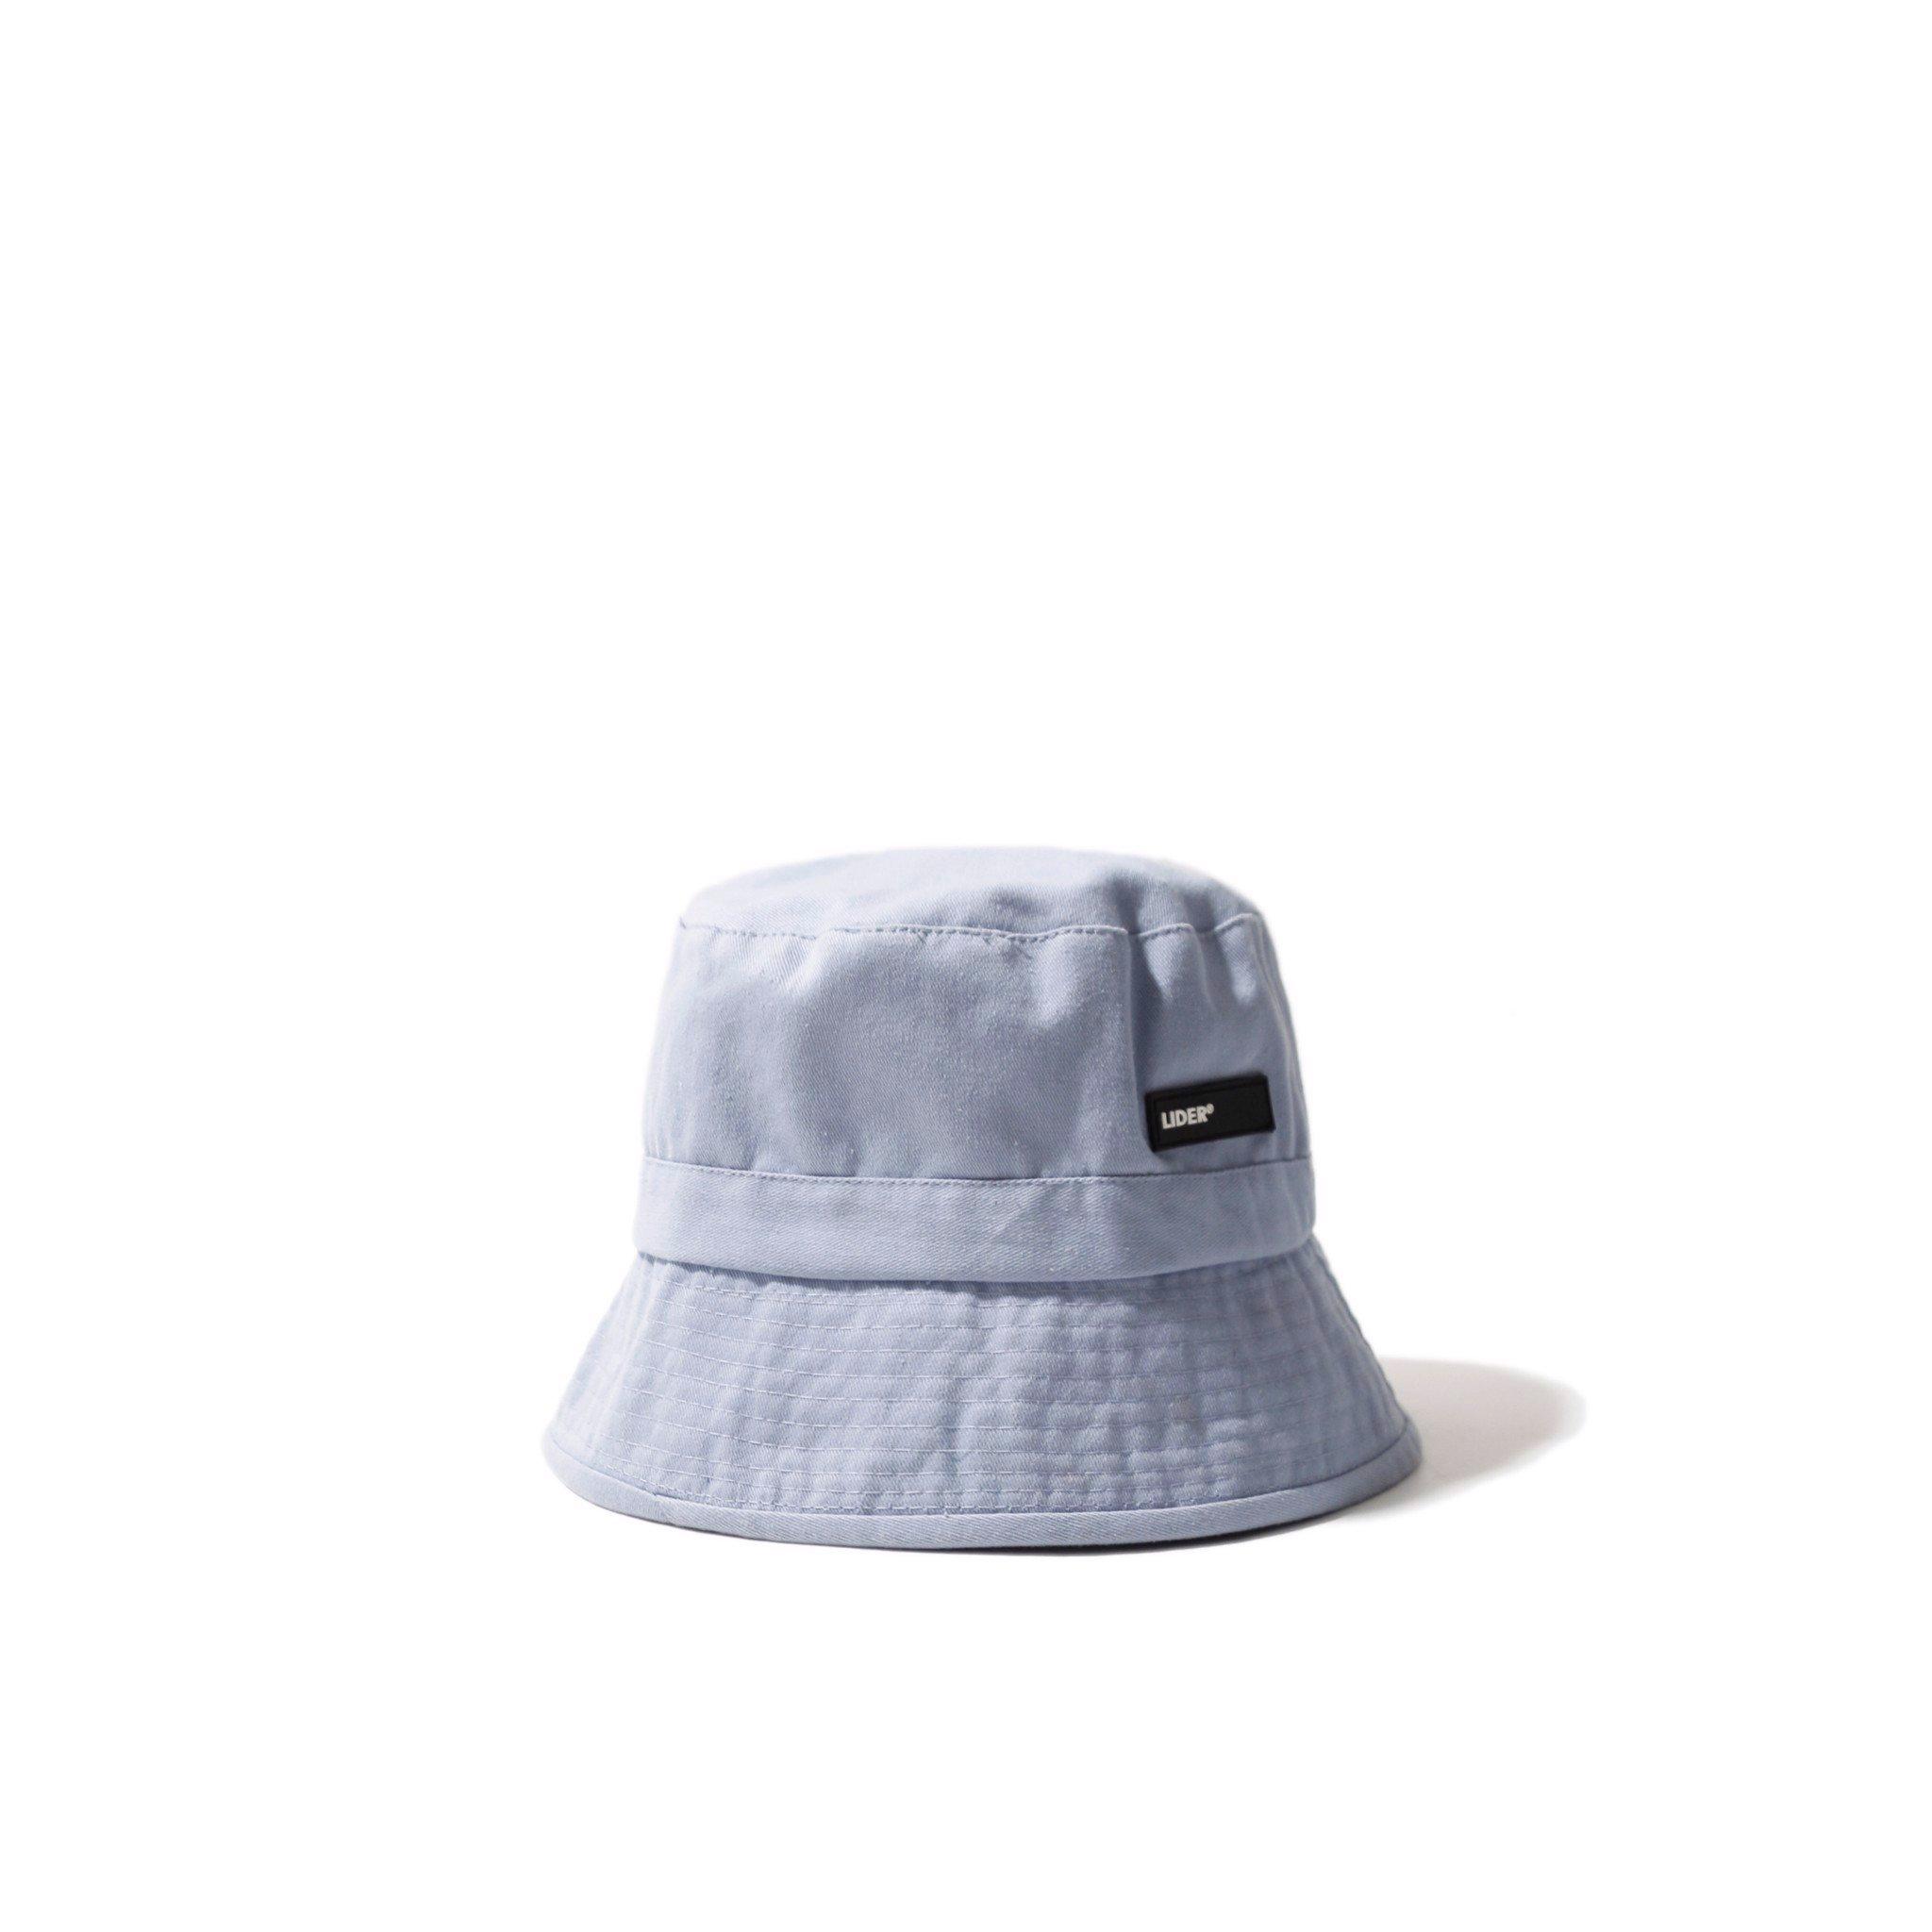 Lisa gợi ý chị em 4 kiểu mũ must have mùa du lịch này, quan trọng là các nàng trên U30 diện được thoải mái! - Ảnh 11.